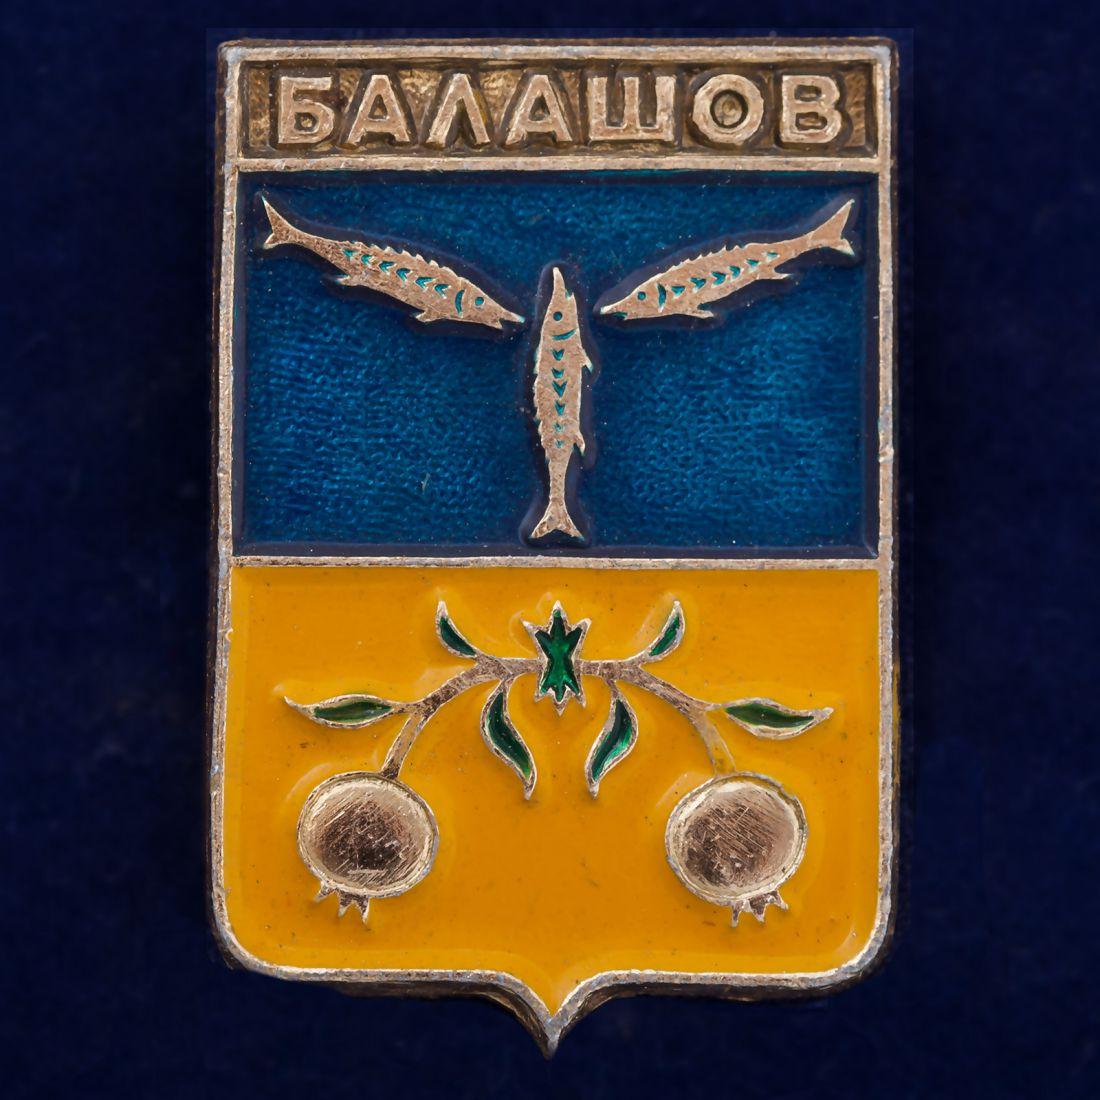 Значок с гербом Балашова